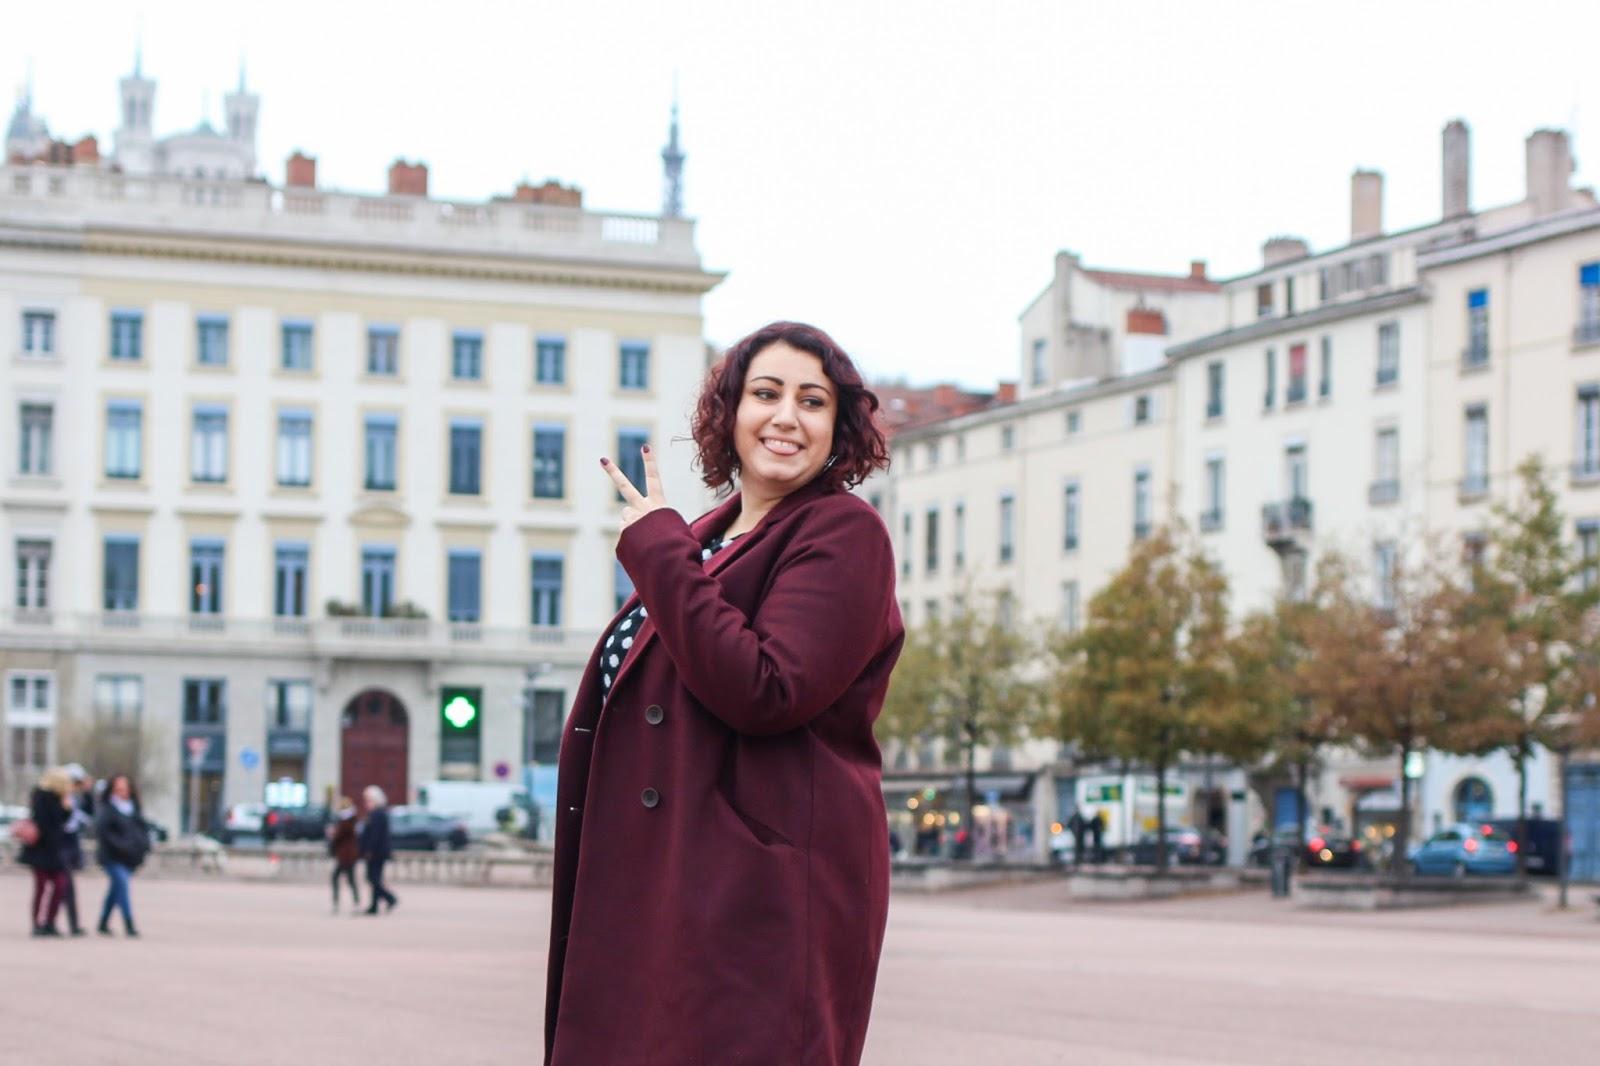 De PrixBlog Petit Julia Manteau Bordeaux À Le LpSUzGjMVq